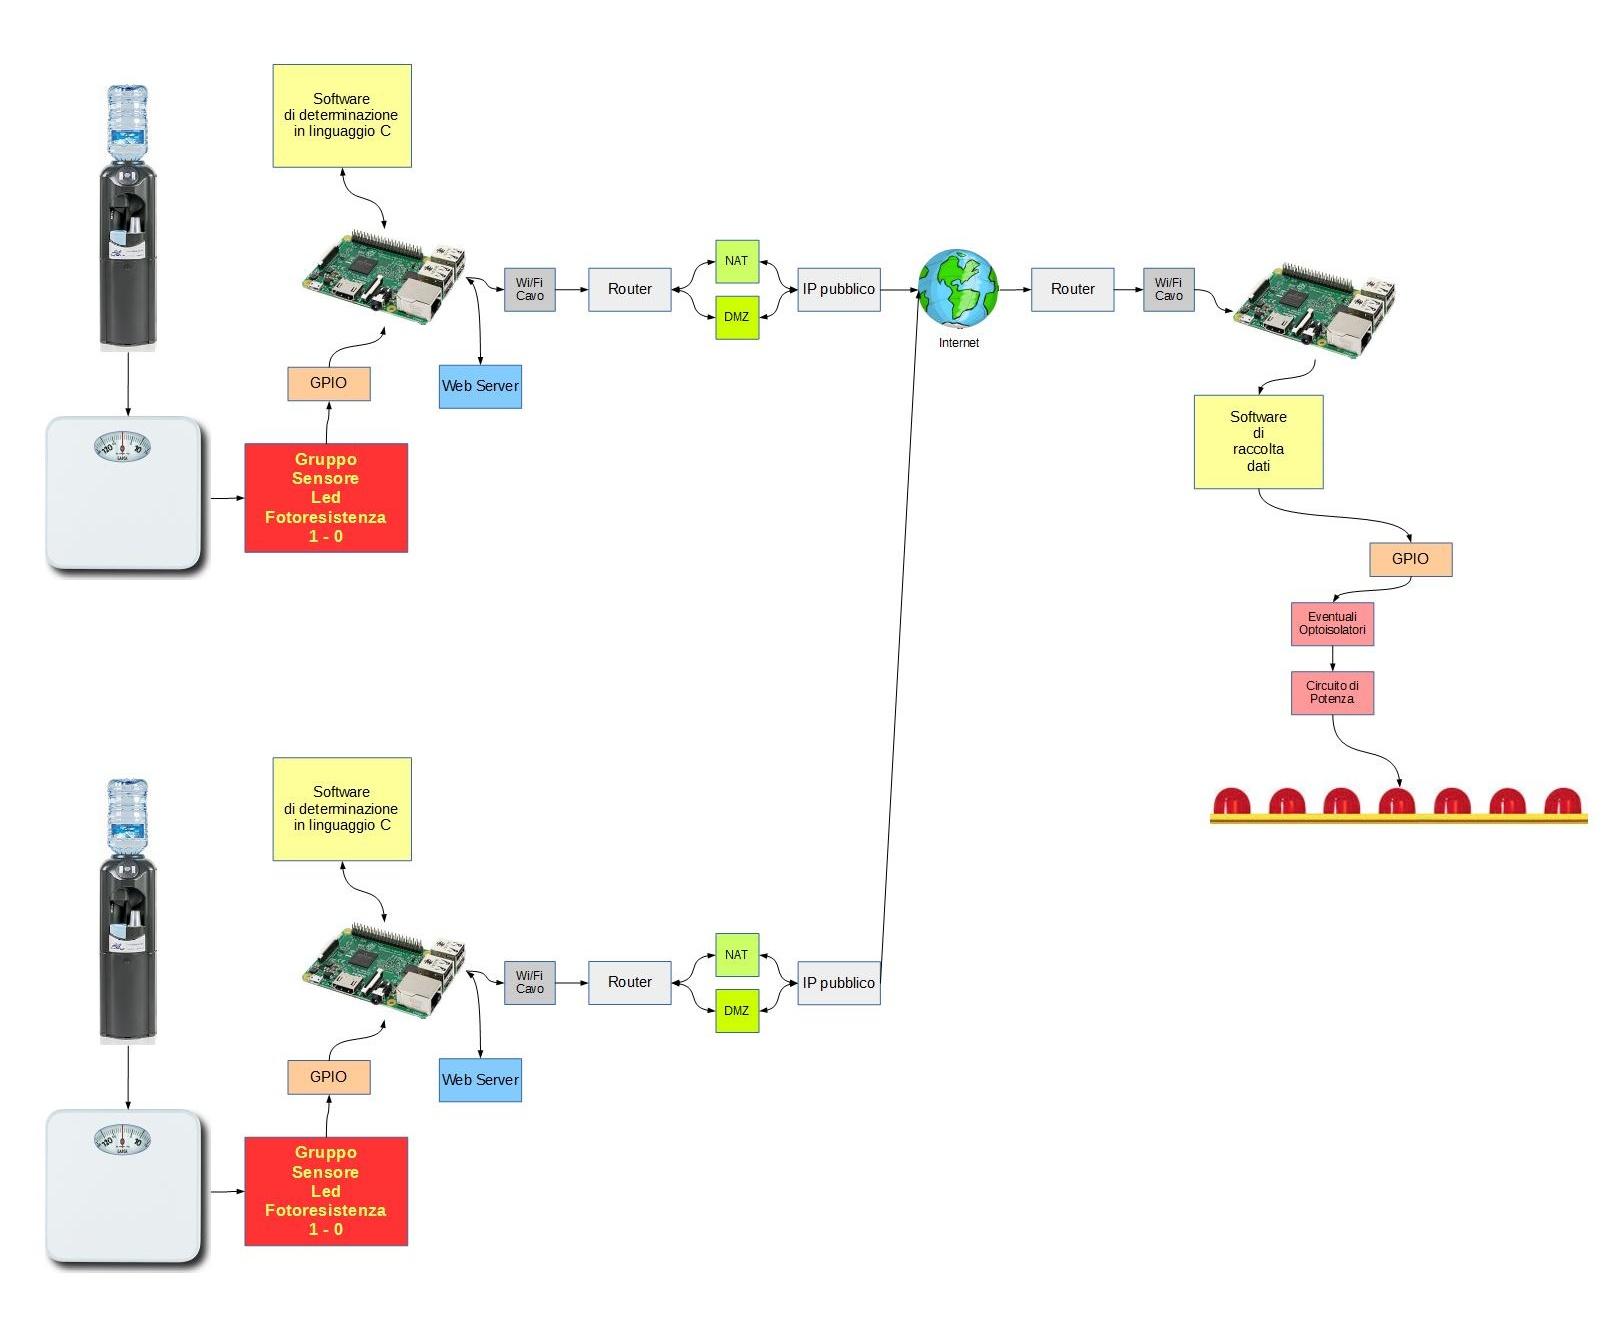 Figura 2: Diagramma a blocchi del sistema